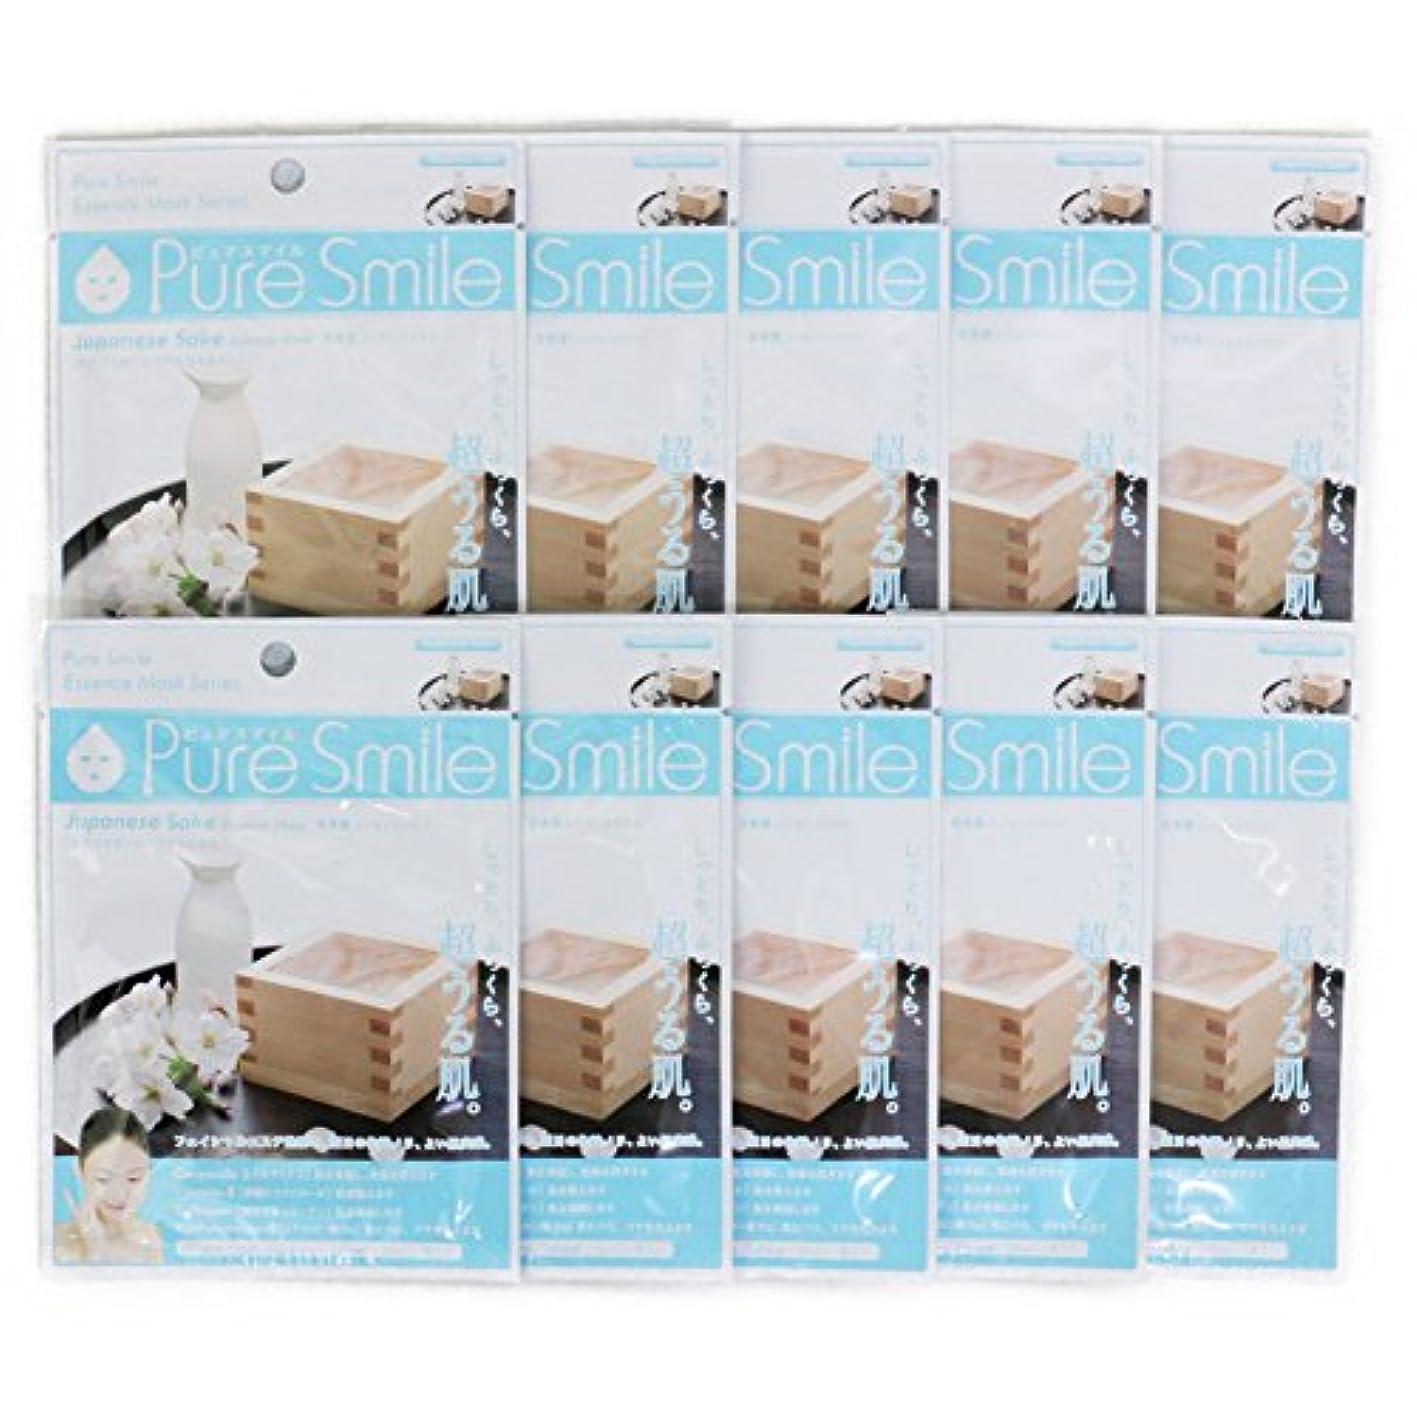 アーティファクト有益対立Pure Smile ピュアスマイル エッセンスマスク 日本酒 10枚セット